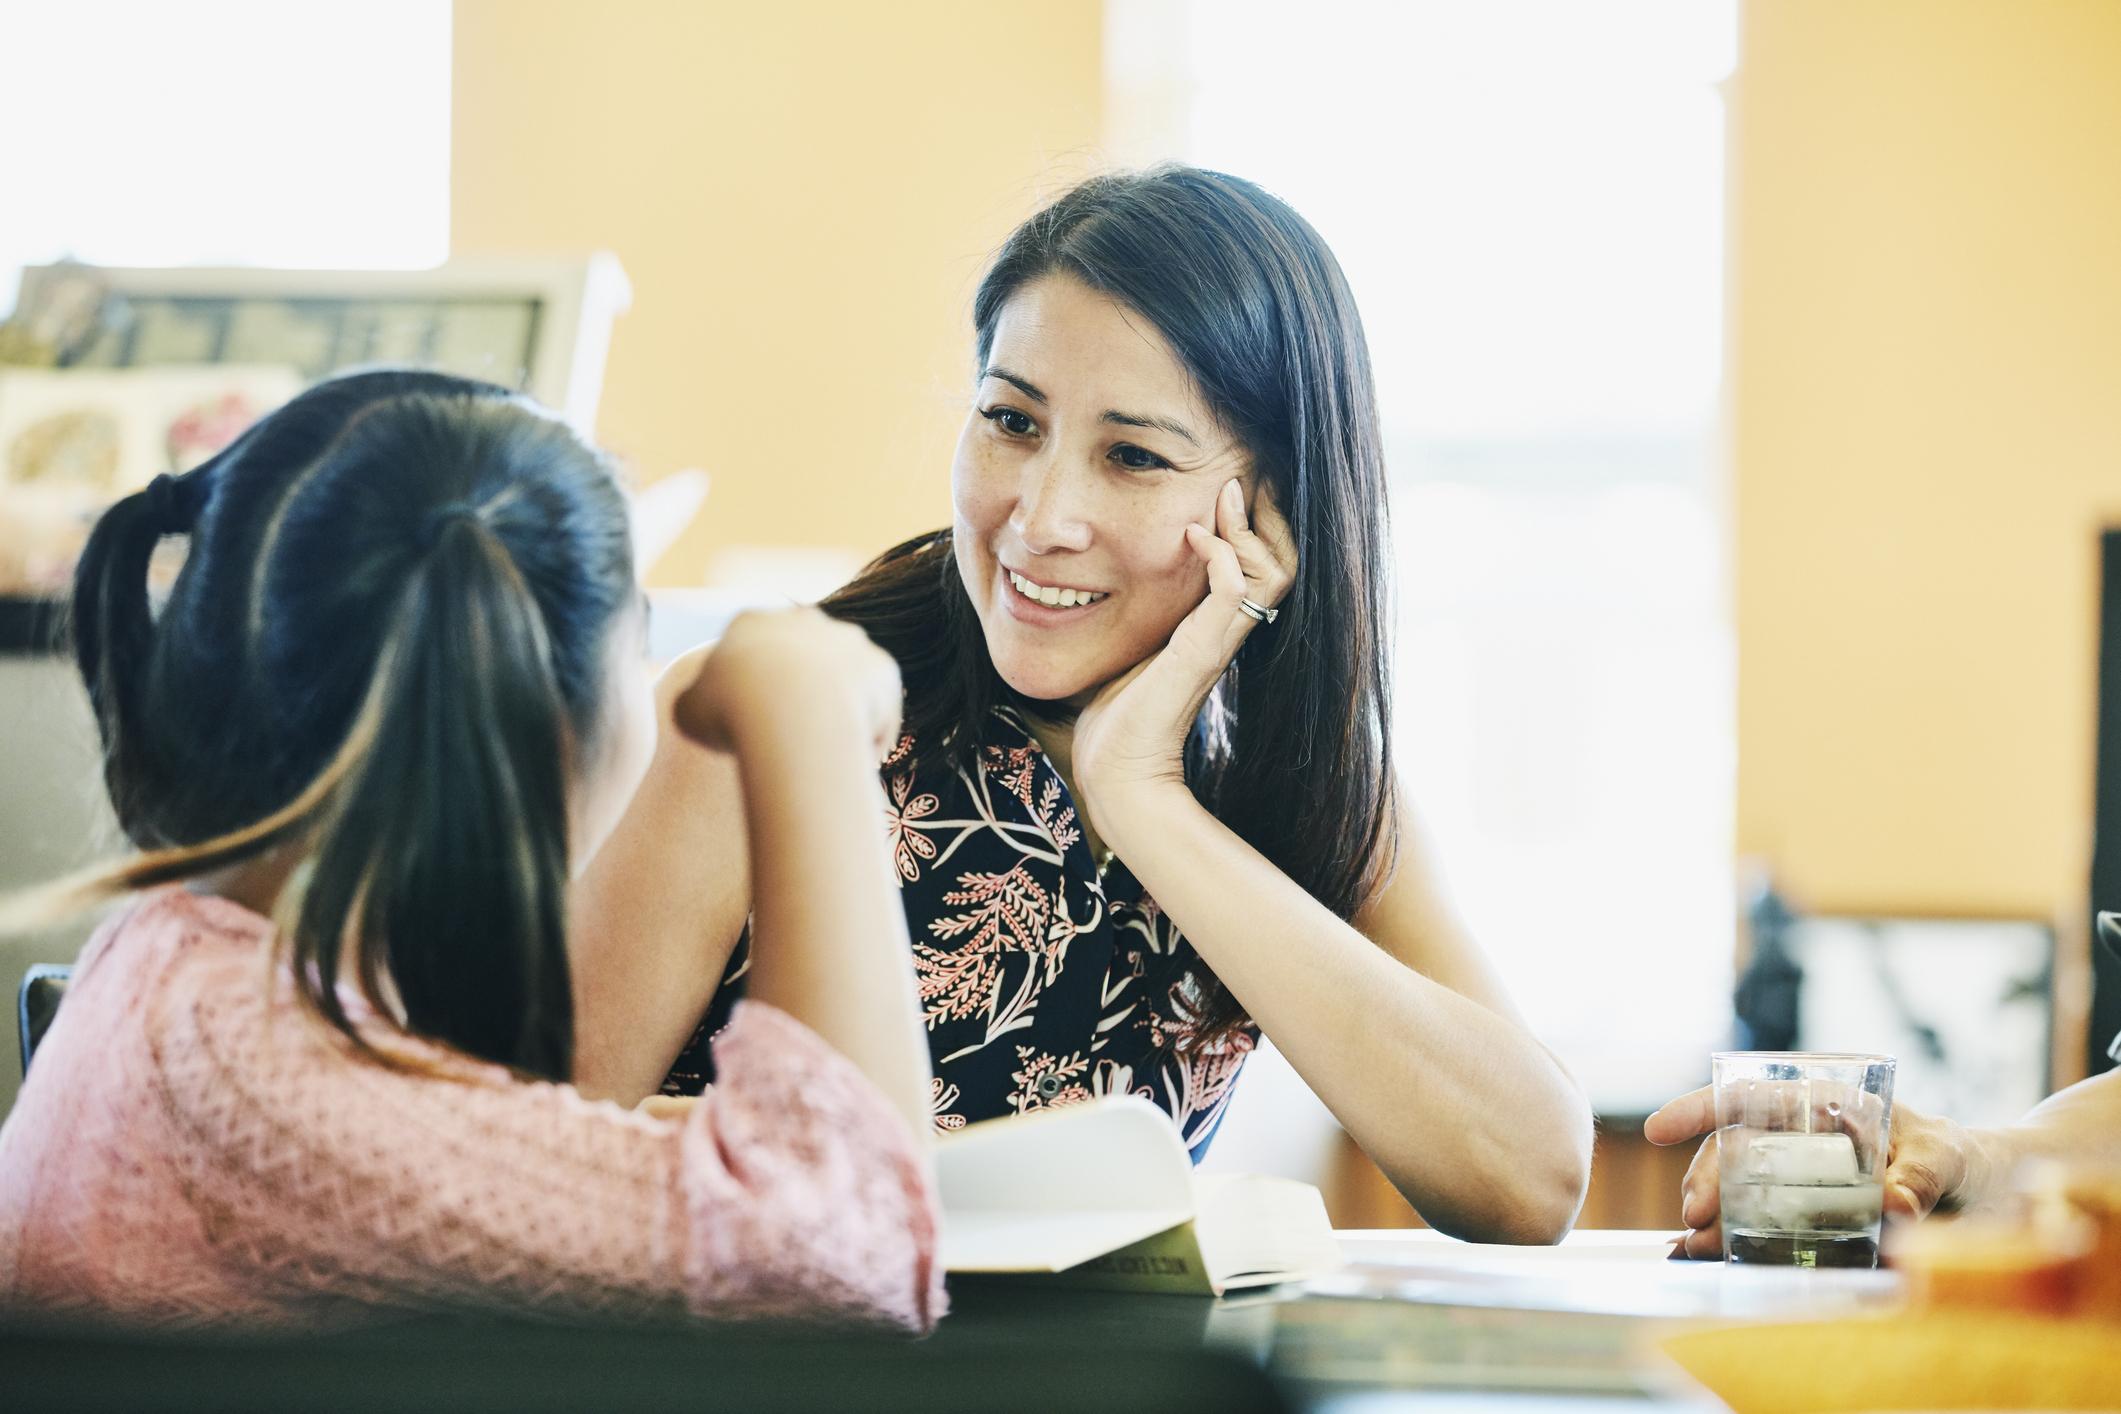 Materi Bahasa Inggris Kelas 6 SD: Grammar Dasar yang Sering Muncul